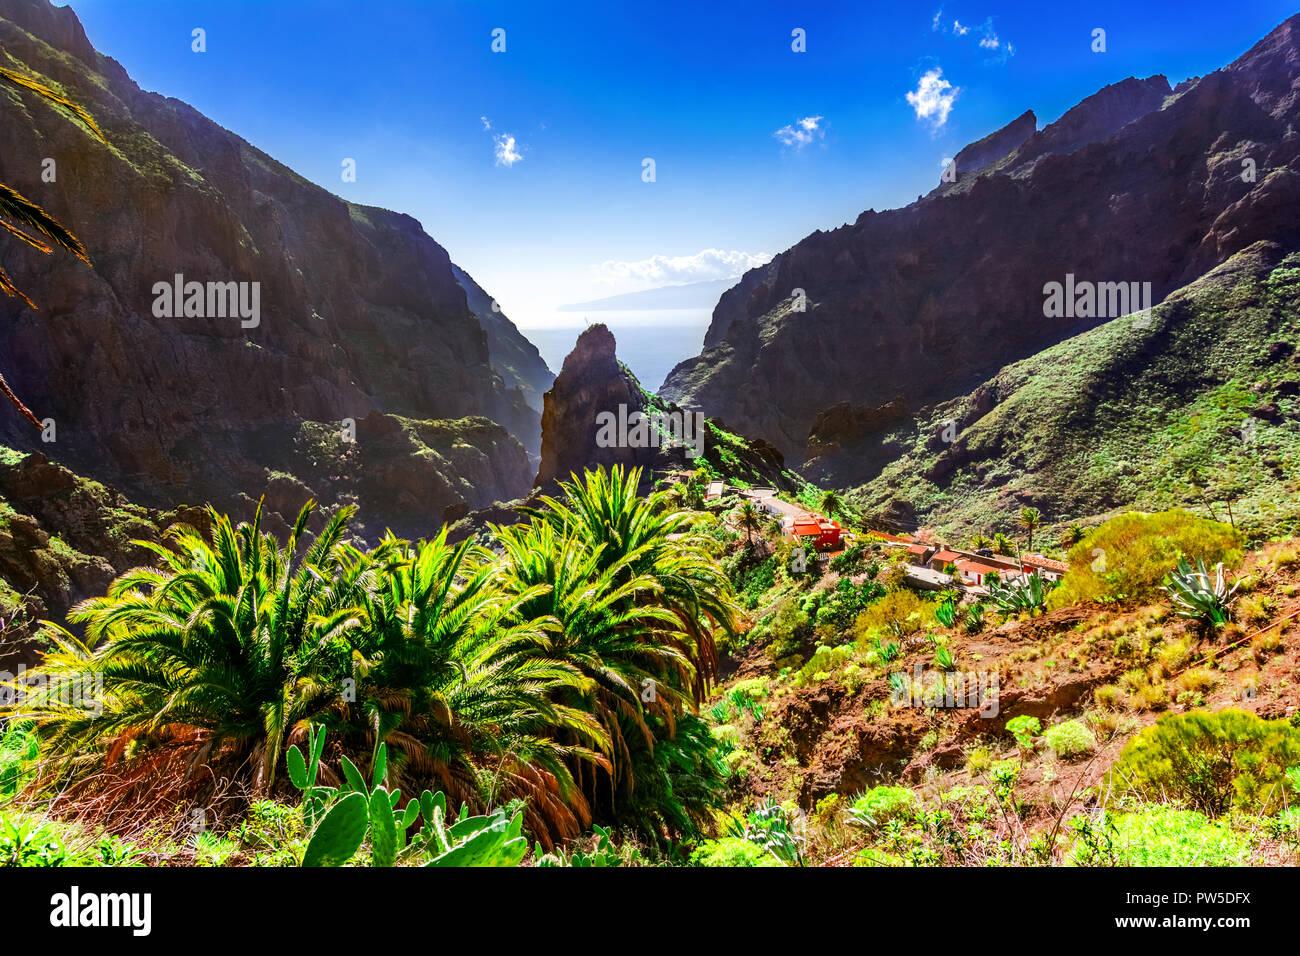 Masca, Teneriffa, Spanien, Kanarische Inseln: Kleines Bergdorf Masca auf der Insel Teneriffa auf den Kanarischen Inseln, die den Berg Macizo de Teno Gebirge Stockbild